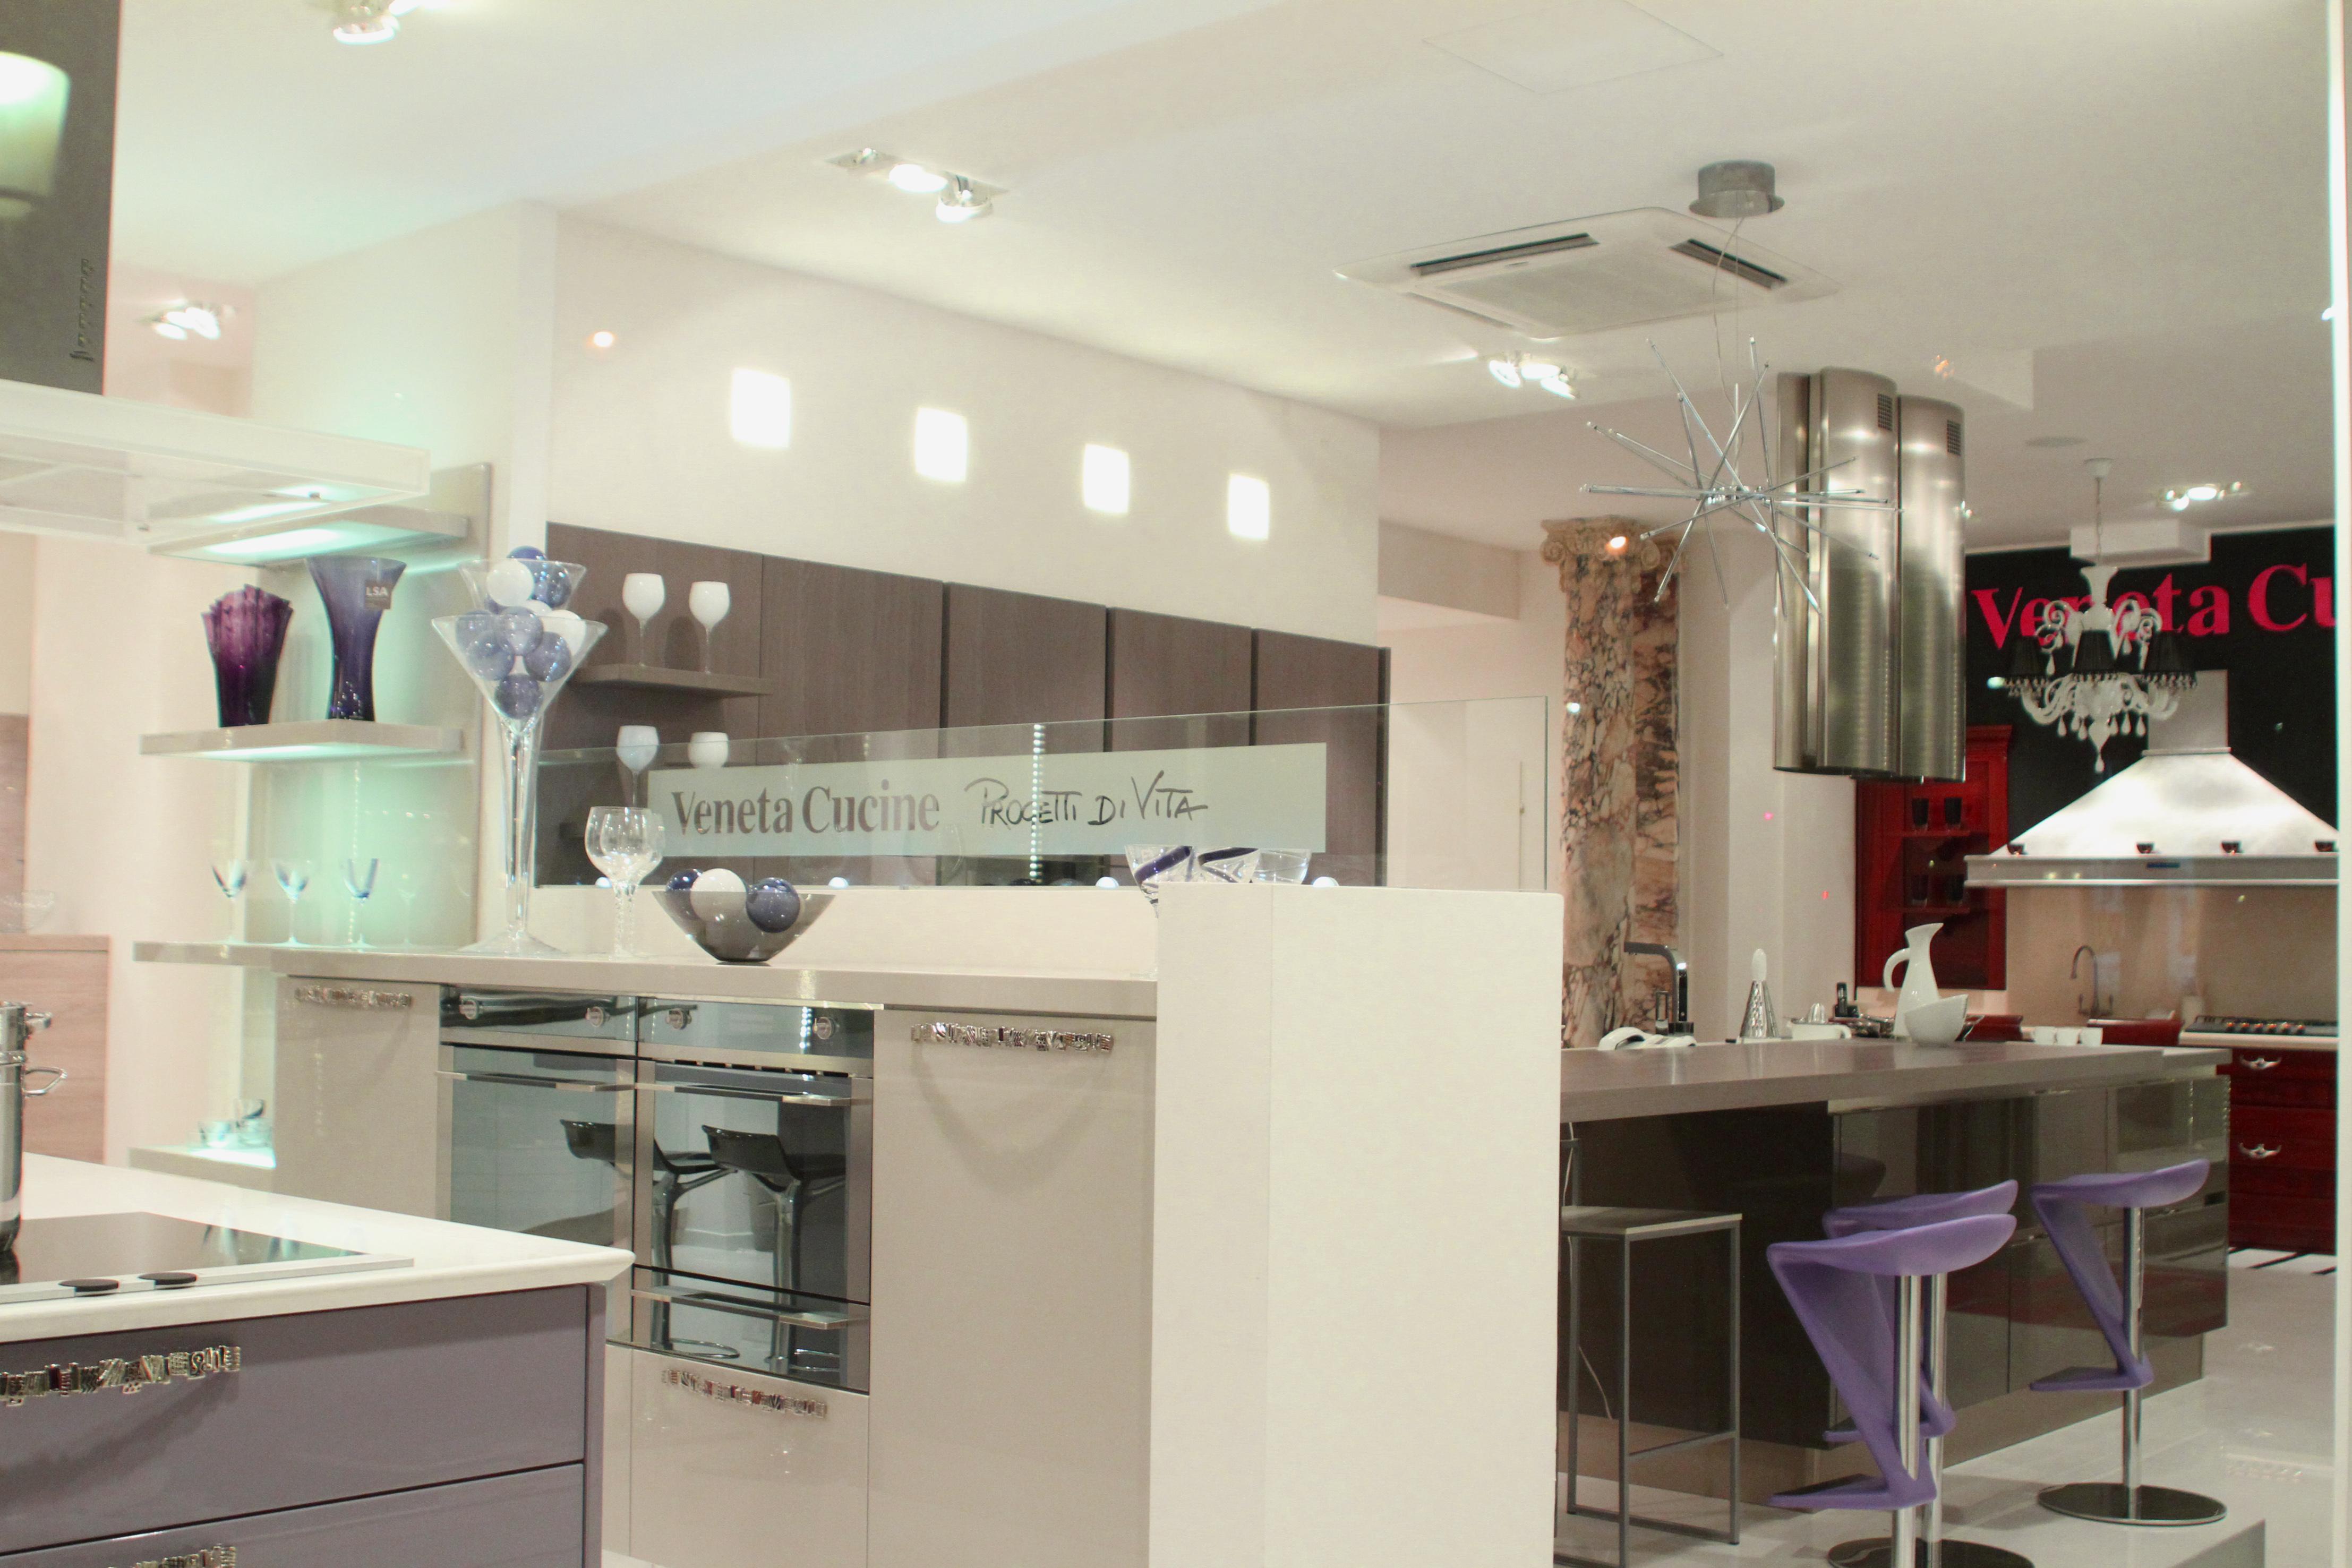 cuisine italienne pour cuisini re parisienne parisienne paris choses vues paris. Black Bedroom Furniture Sets. Home Design Ideas